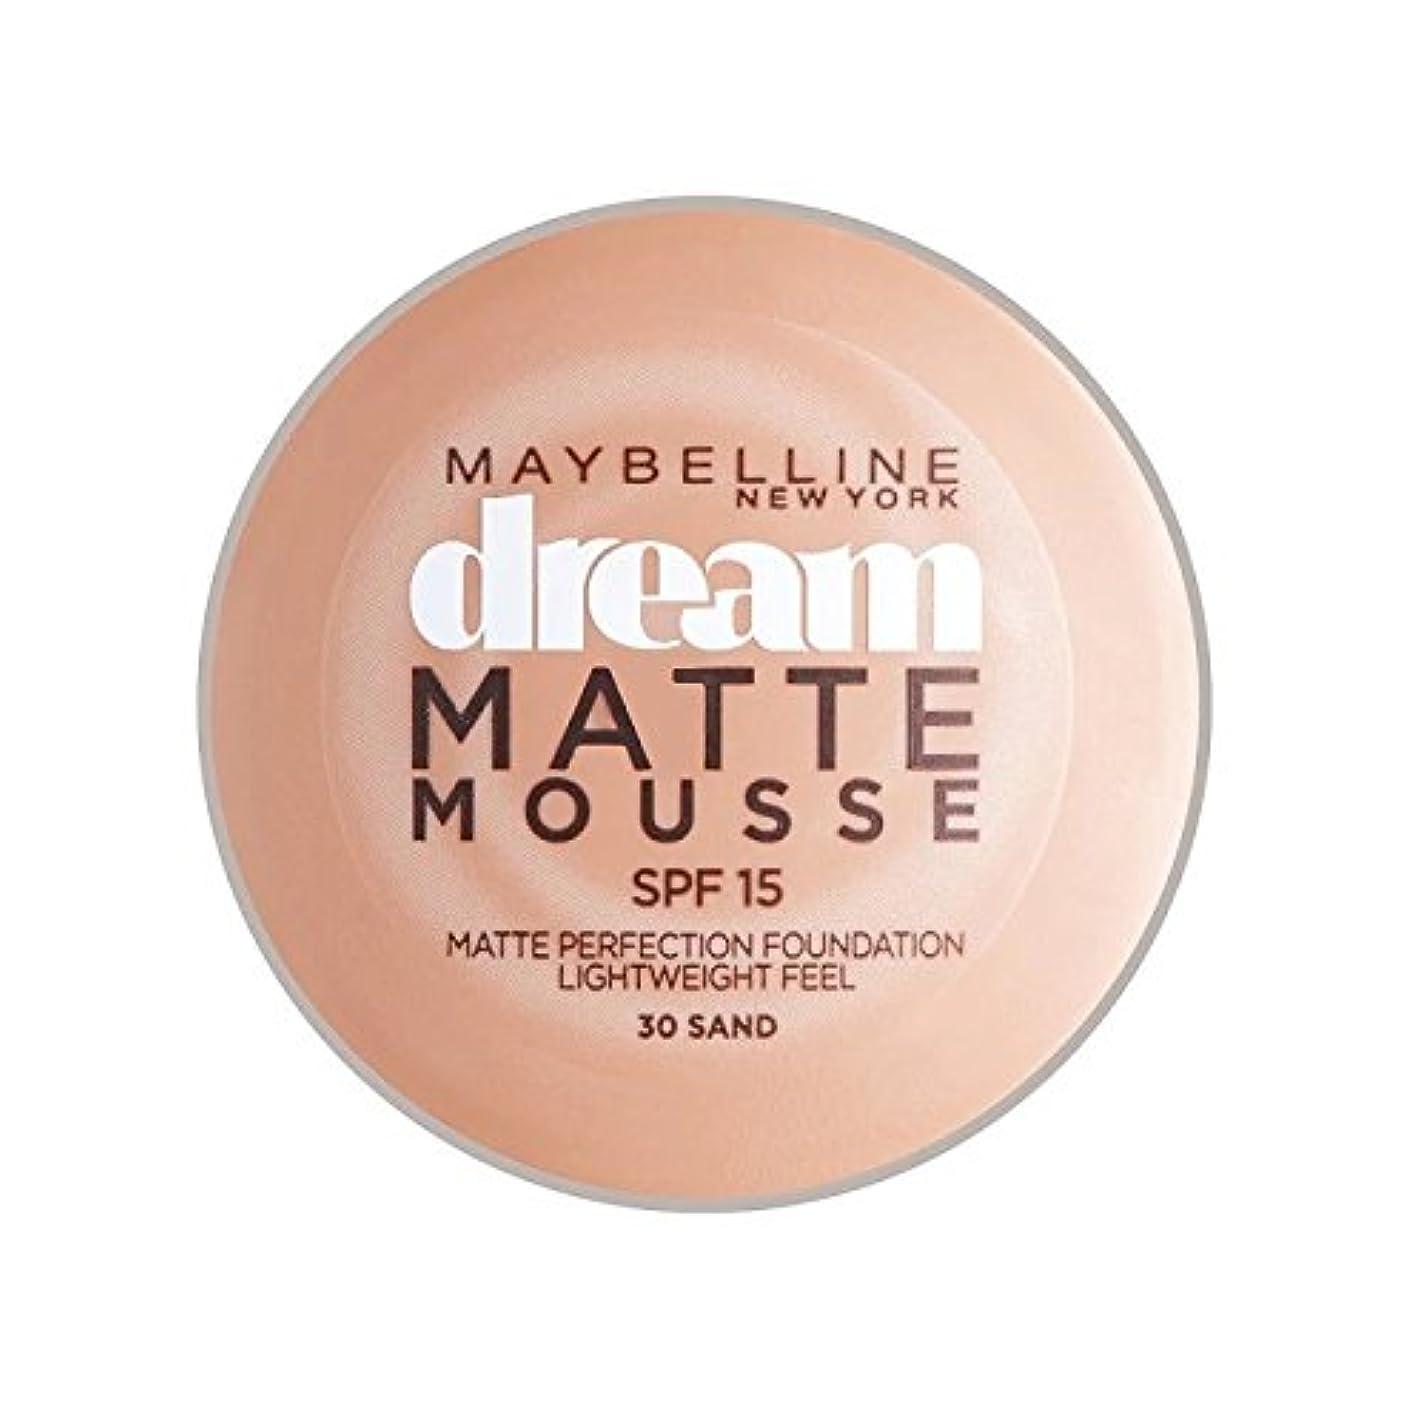 エンドウ強制的再開メイベリン夢のマットムース土台30砂の10ミリリットル x4 - Maybelline Dream Matte Mousse Foundation 30 Sand 10ml (Pack of 4) [並行輸入品]